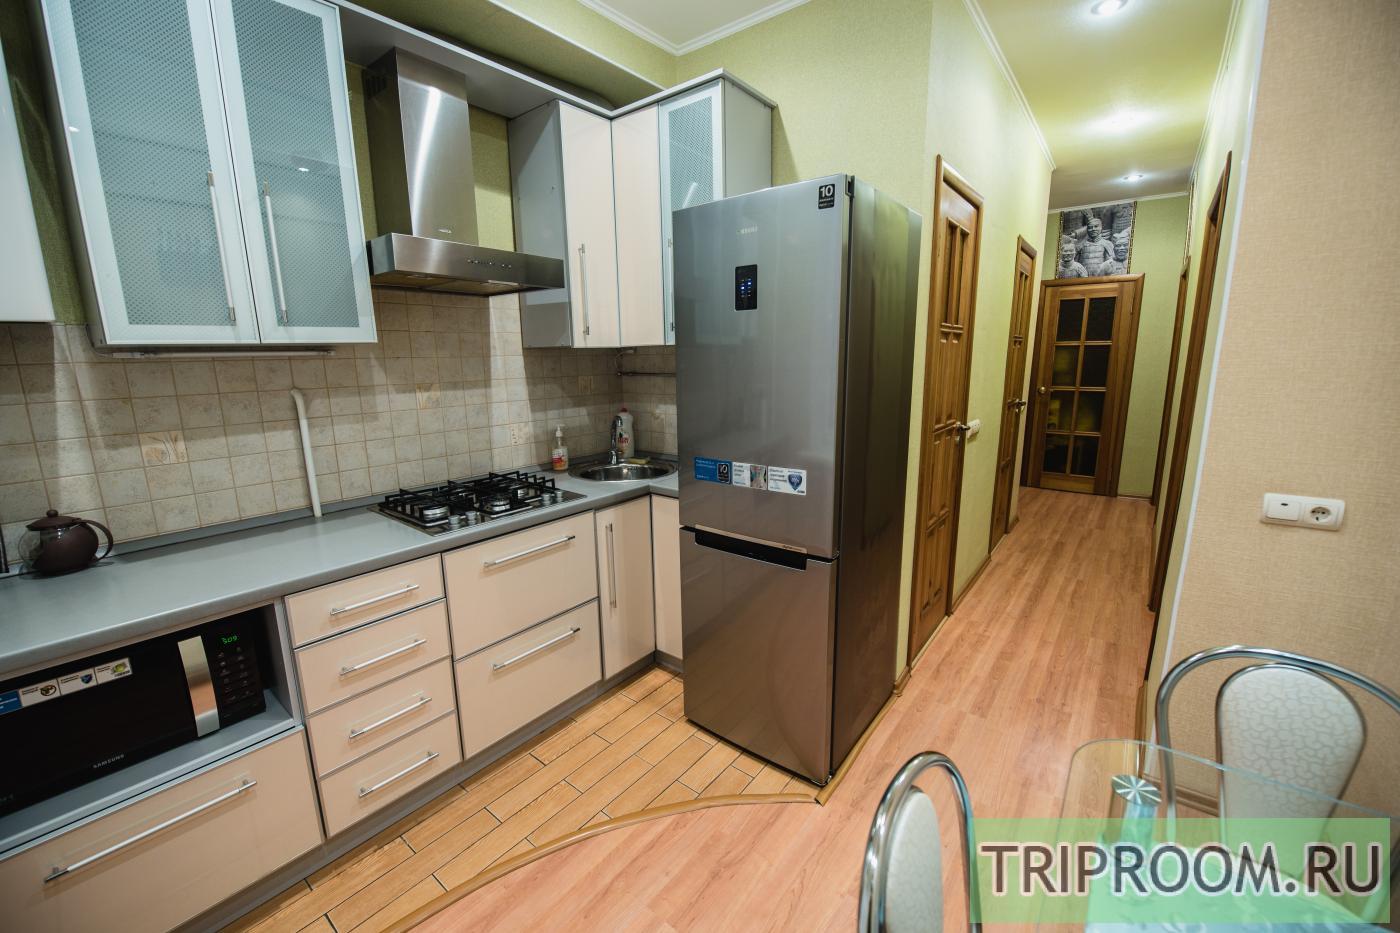 2-комнатная квартира посуточно (вариант № 14781), ул. Твардовского улица, фото № 6